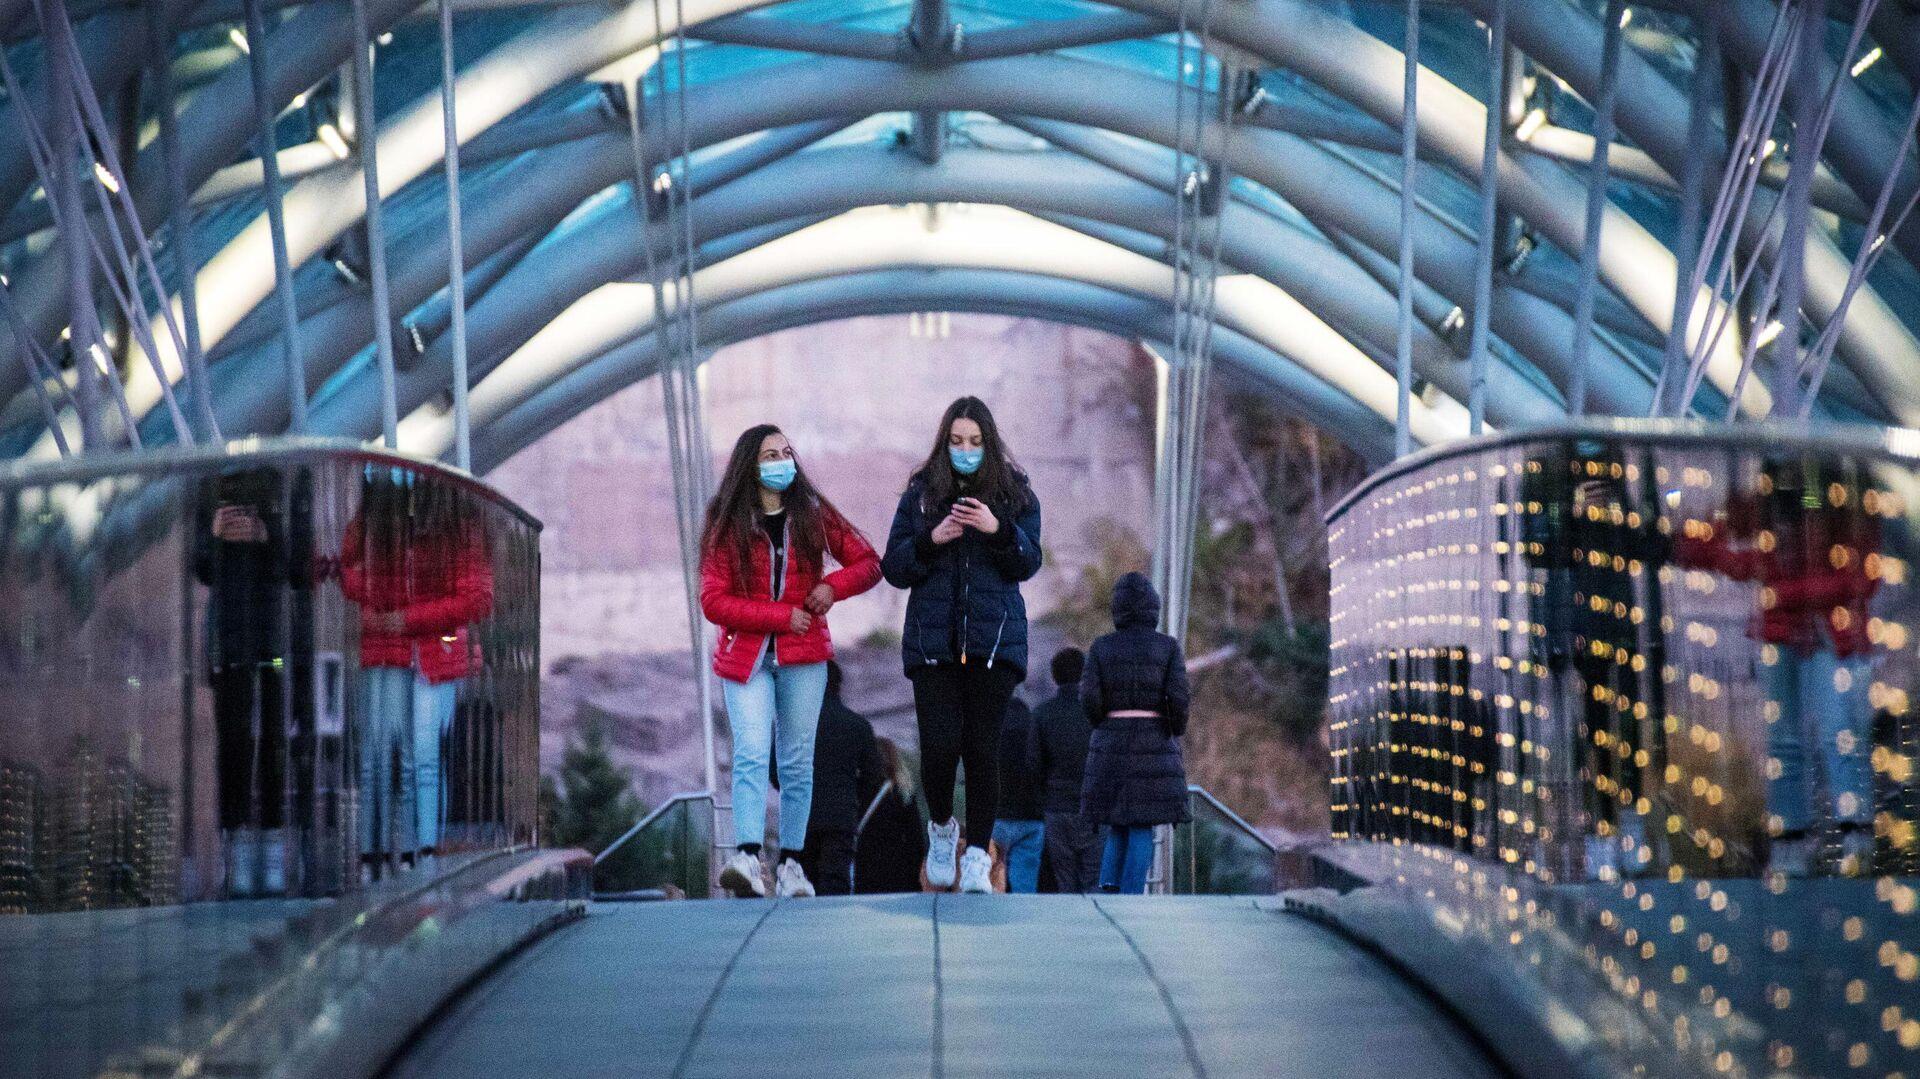 Девушки в защитных масках на одной из улиц в Тбилиси - РИА Новости, 1920, 01.12.2020